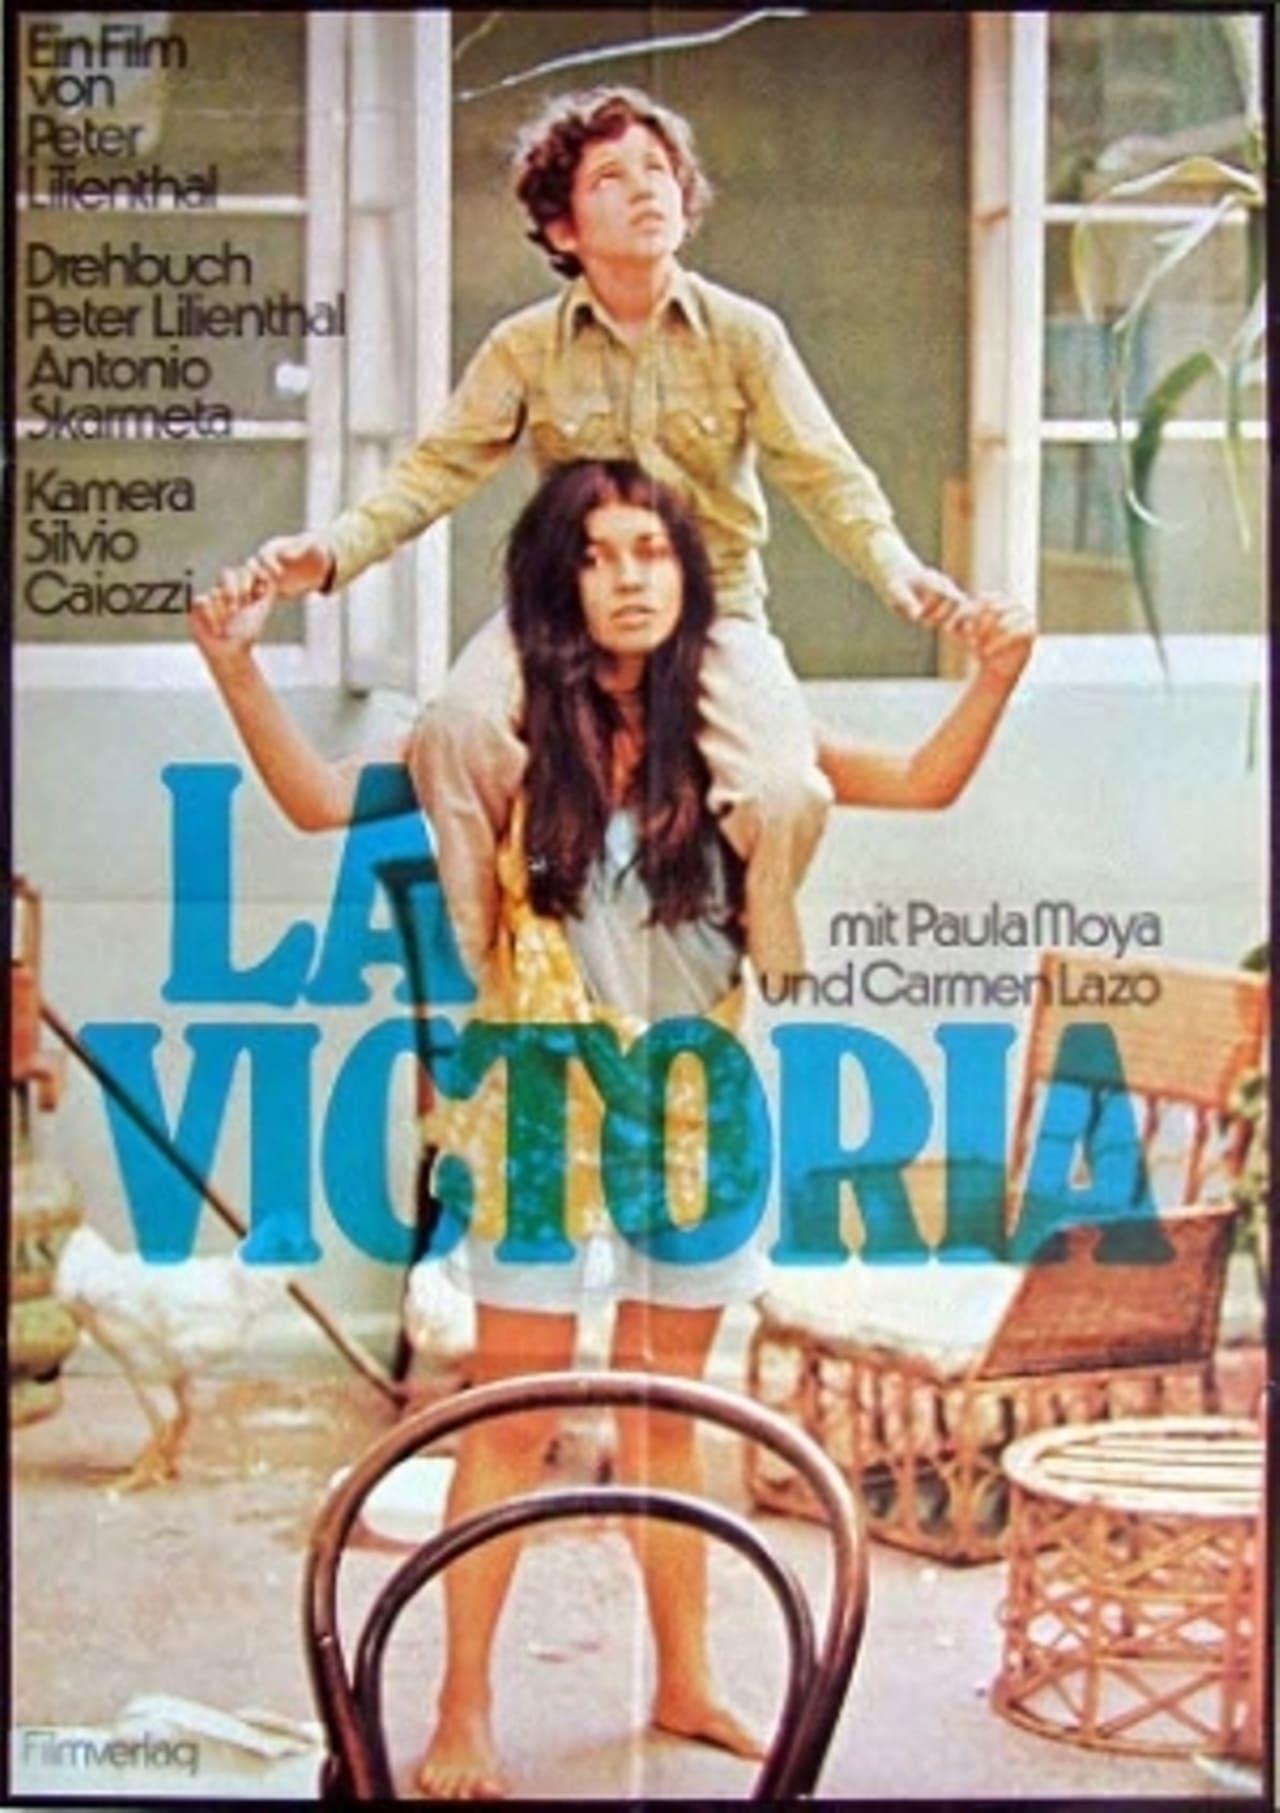 La victoria (TV Movie 1973) - IMDb